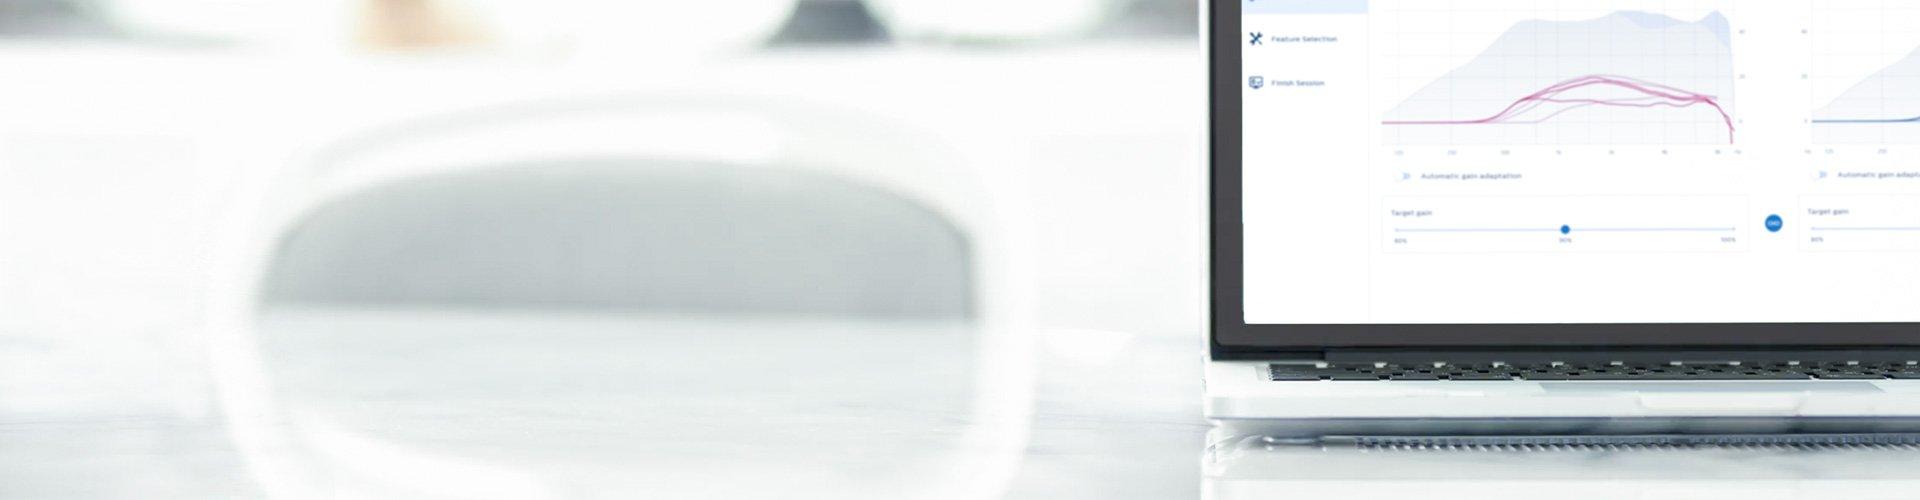 為專業人士提供的飛利浦 HearSuite 螢幕截圖。與飛利浦 HearLink 助聽器配合使用的調整軟體。